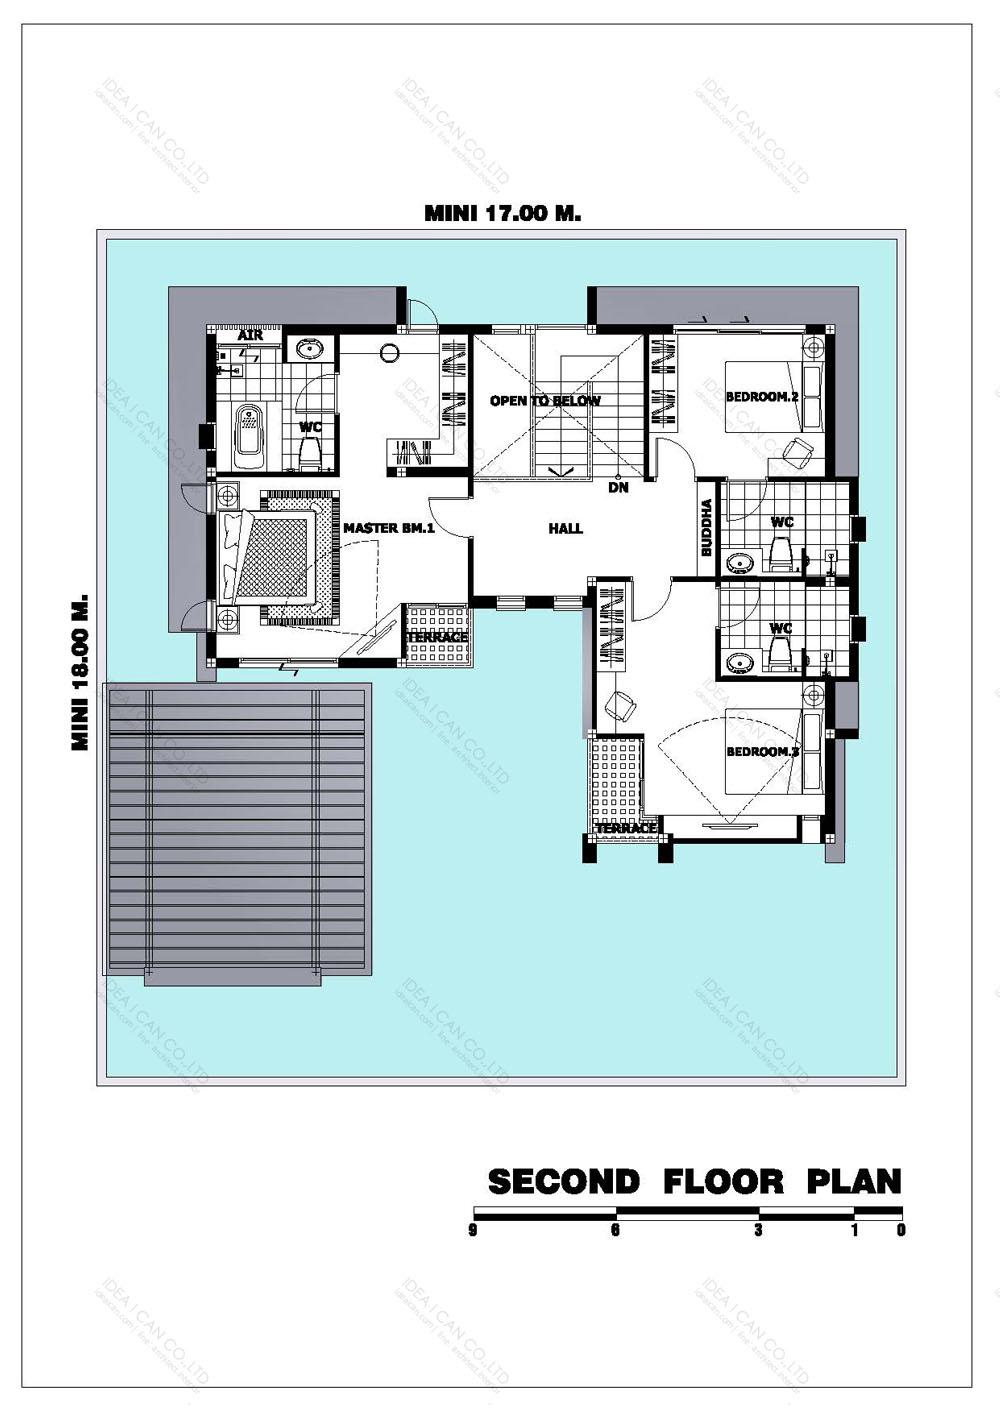 แบบบ้านสองชั้นสไตล์รีสอร์ท, แบบบ้าน 2 ชั้น, แบบบ้าน 4 ห้องนอน, ห้องน้ำสไตล์รีสอรท, พื้นที่ใช้สอย 265 ตร.ม., RE-H2-505.265(2018), แบบบ้านสไตล์รีสอร์ท , รับเหมาก่อสร้าง, รับสร้างบ้าน, รับสร้างบ้านสองชั้น